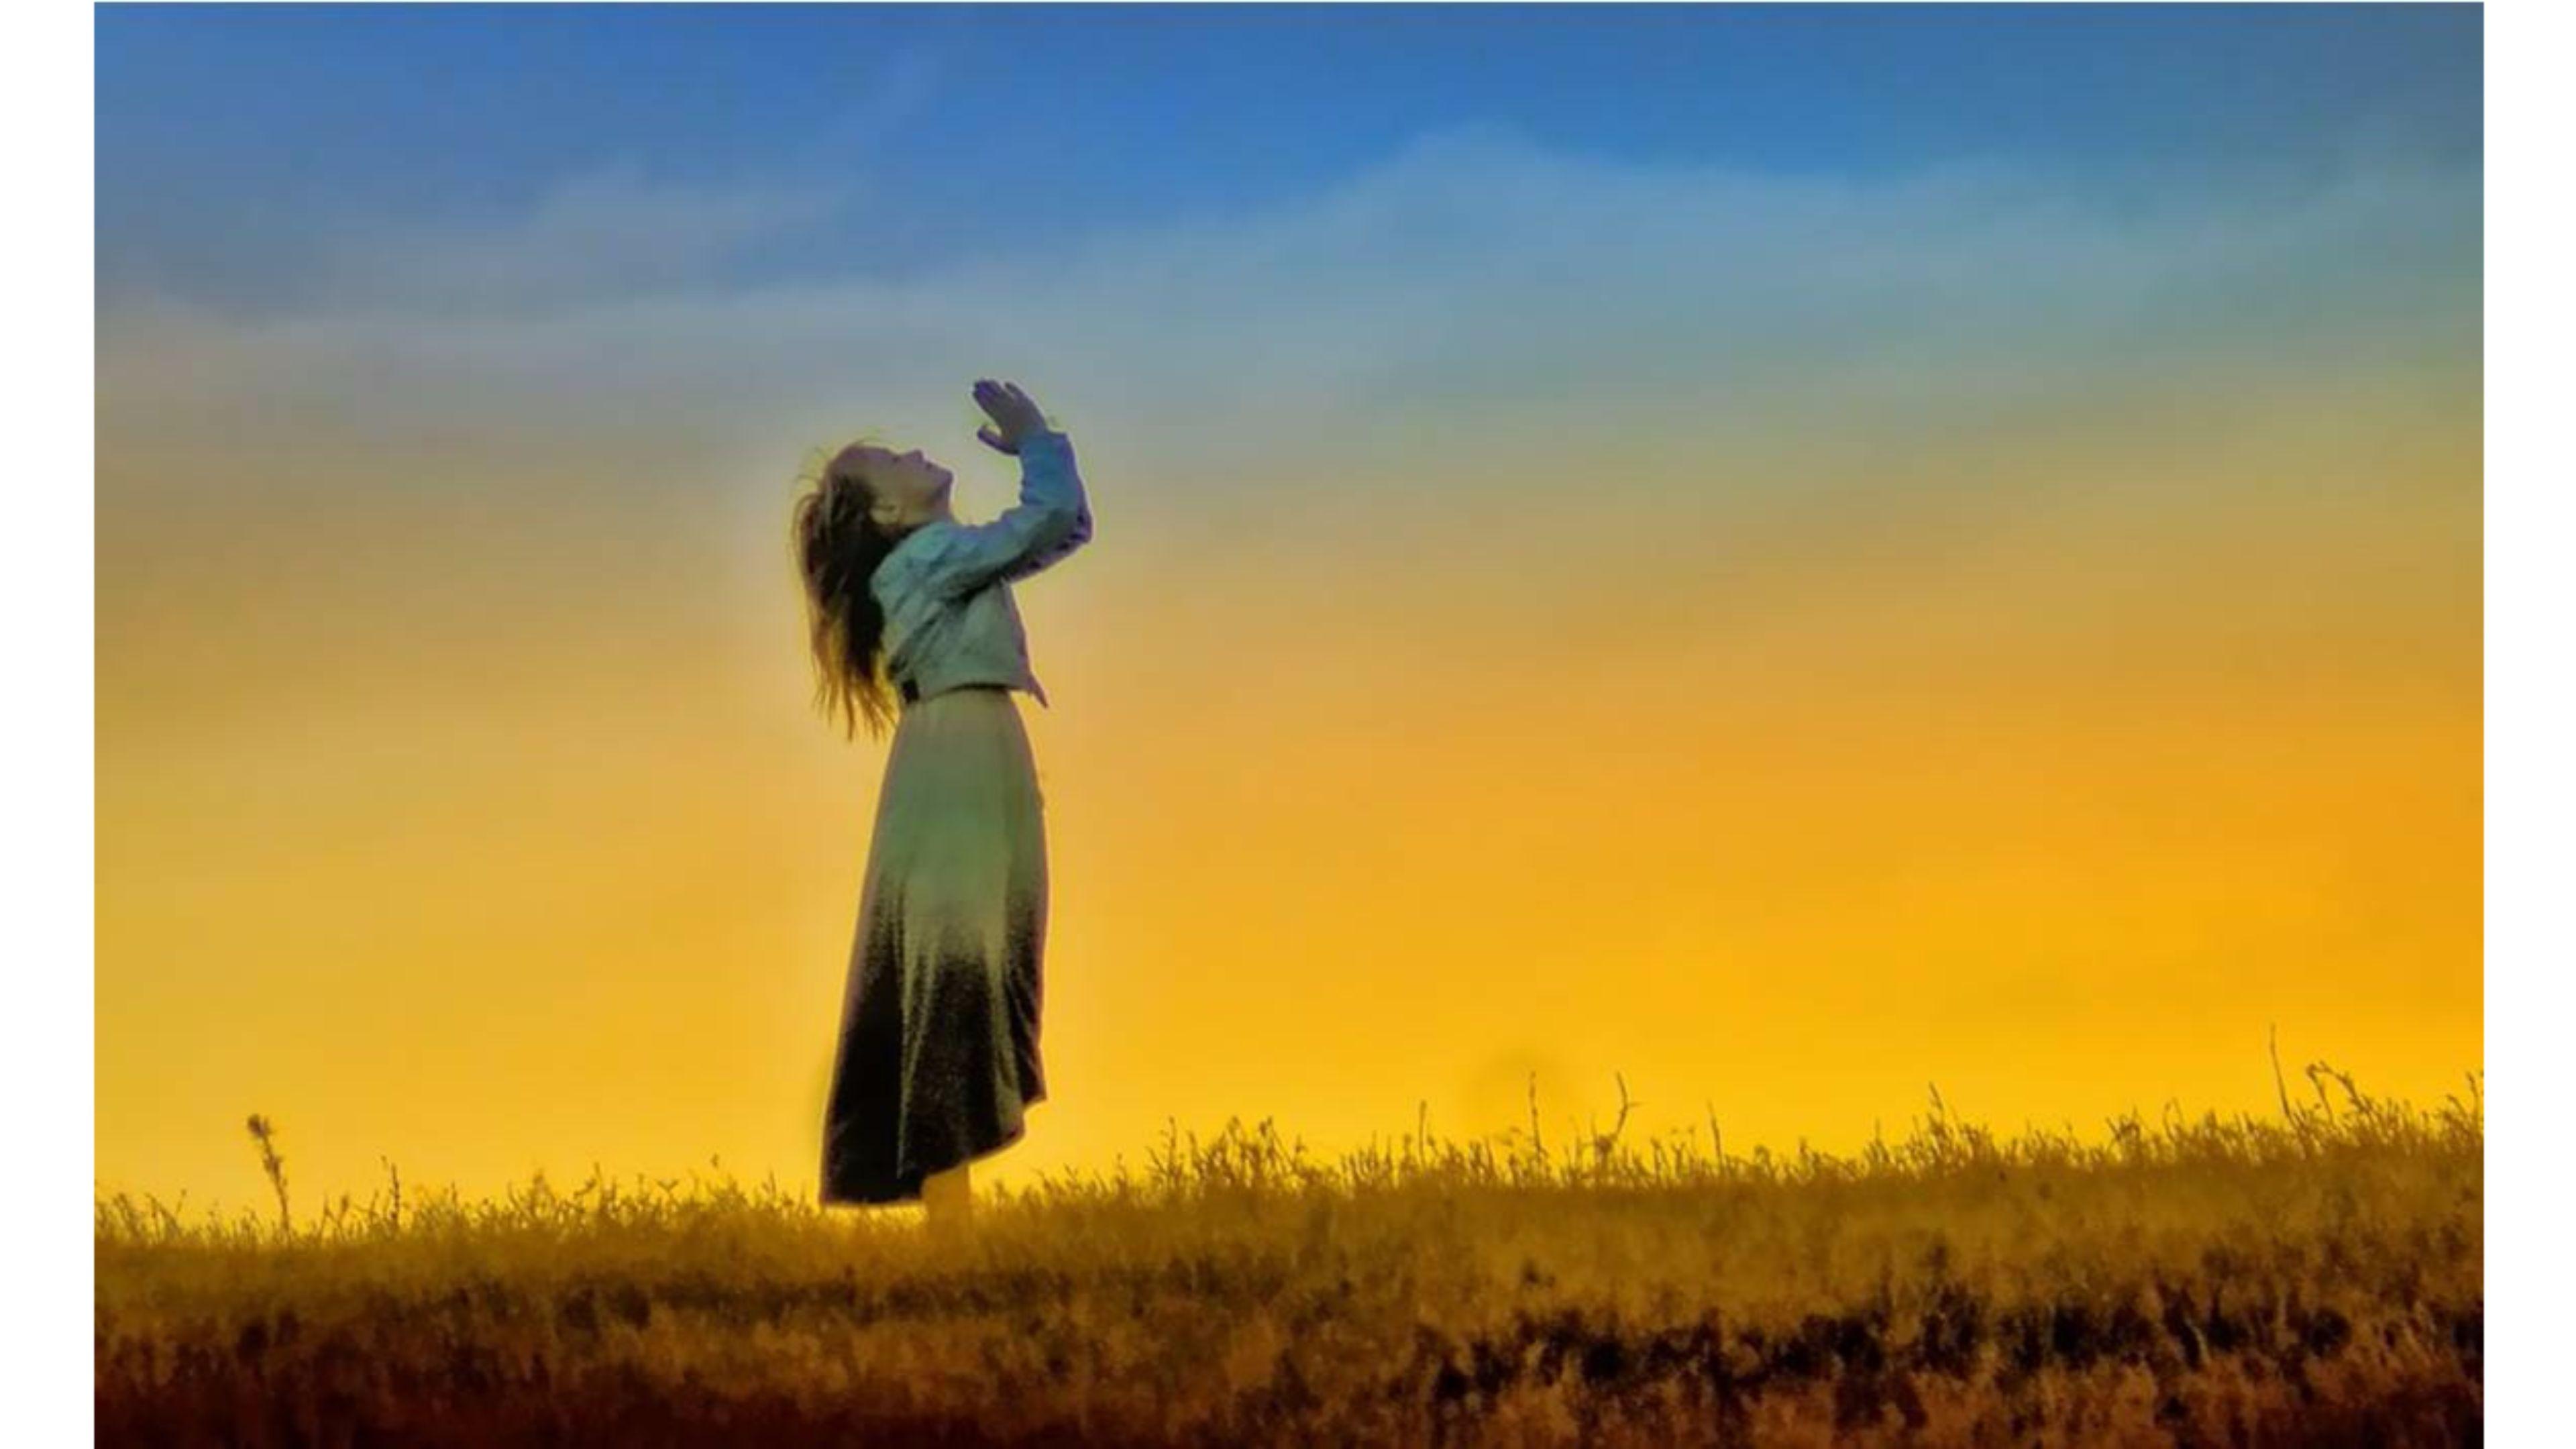 Children Prayer 4K Wallpapers | Free 4K Wallpaper